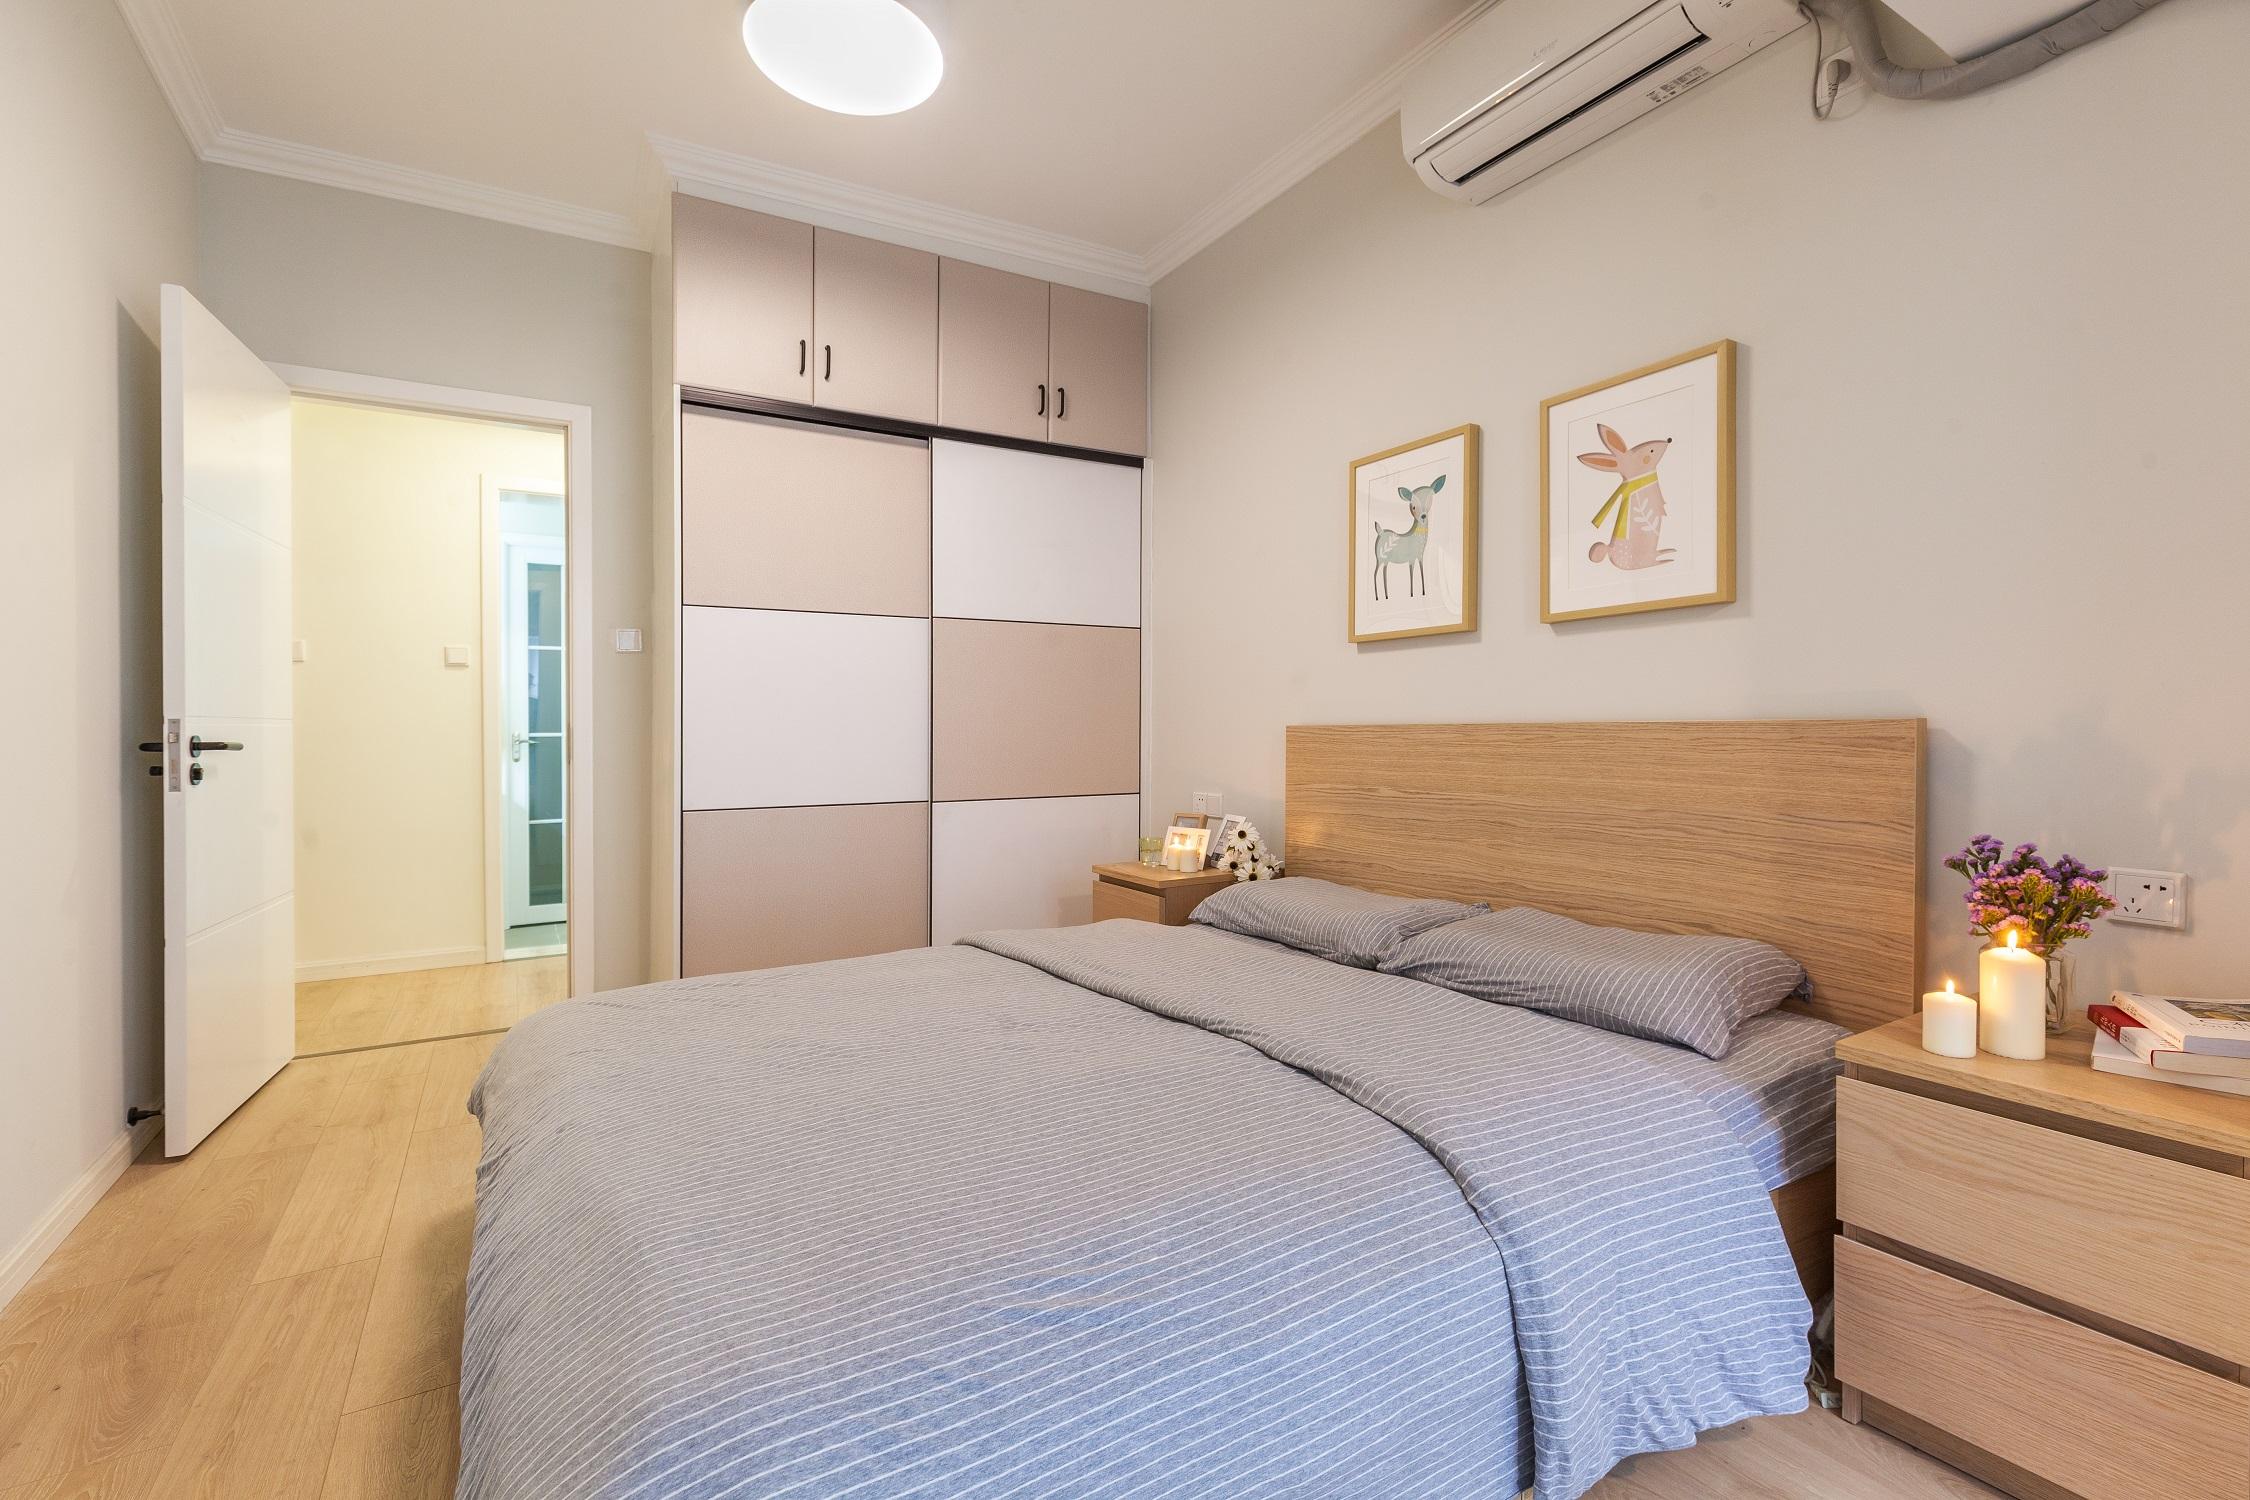 装修效果图 家居美图 新古典风格公寓经济型120平米卧室海外家居